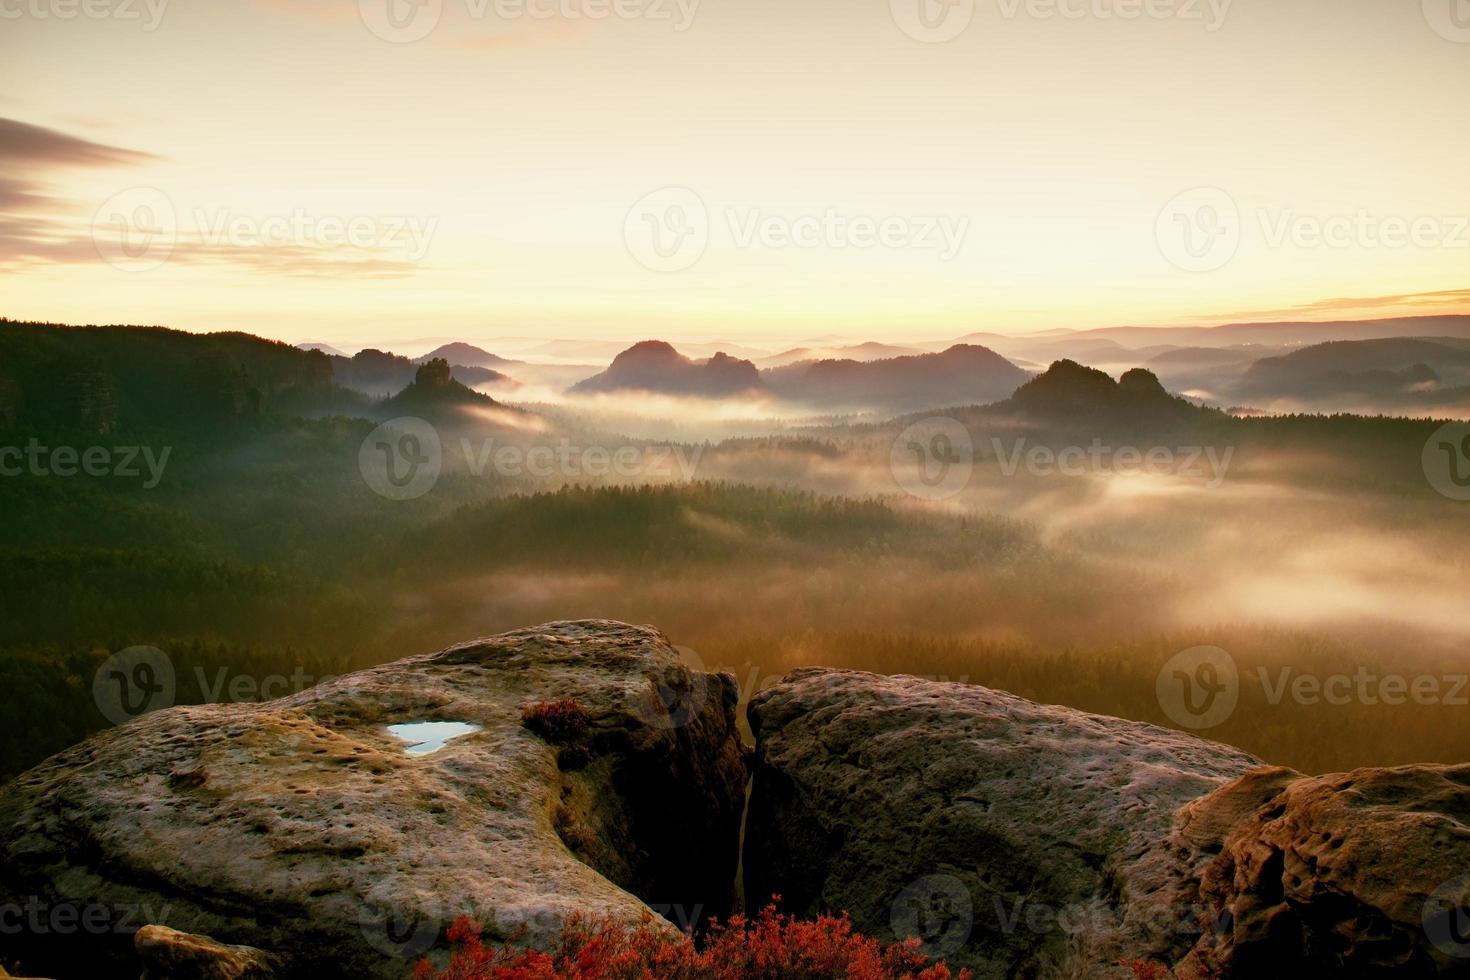 vista de kleiner winterberg. fantástico amanecer de ensueño en las montañas rocosas foto